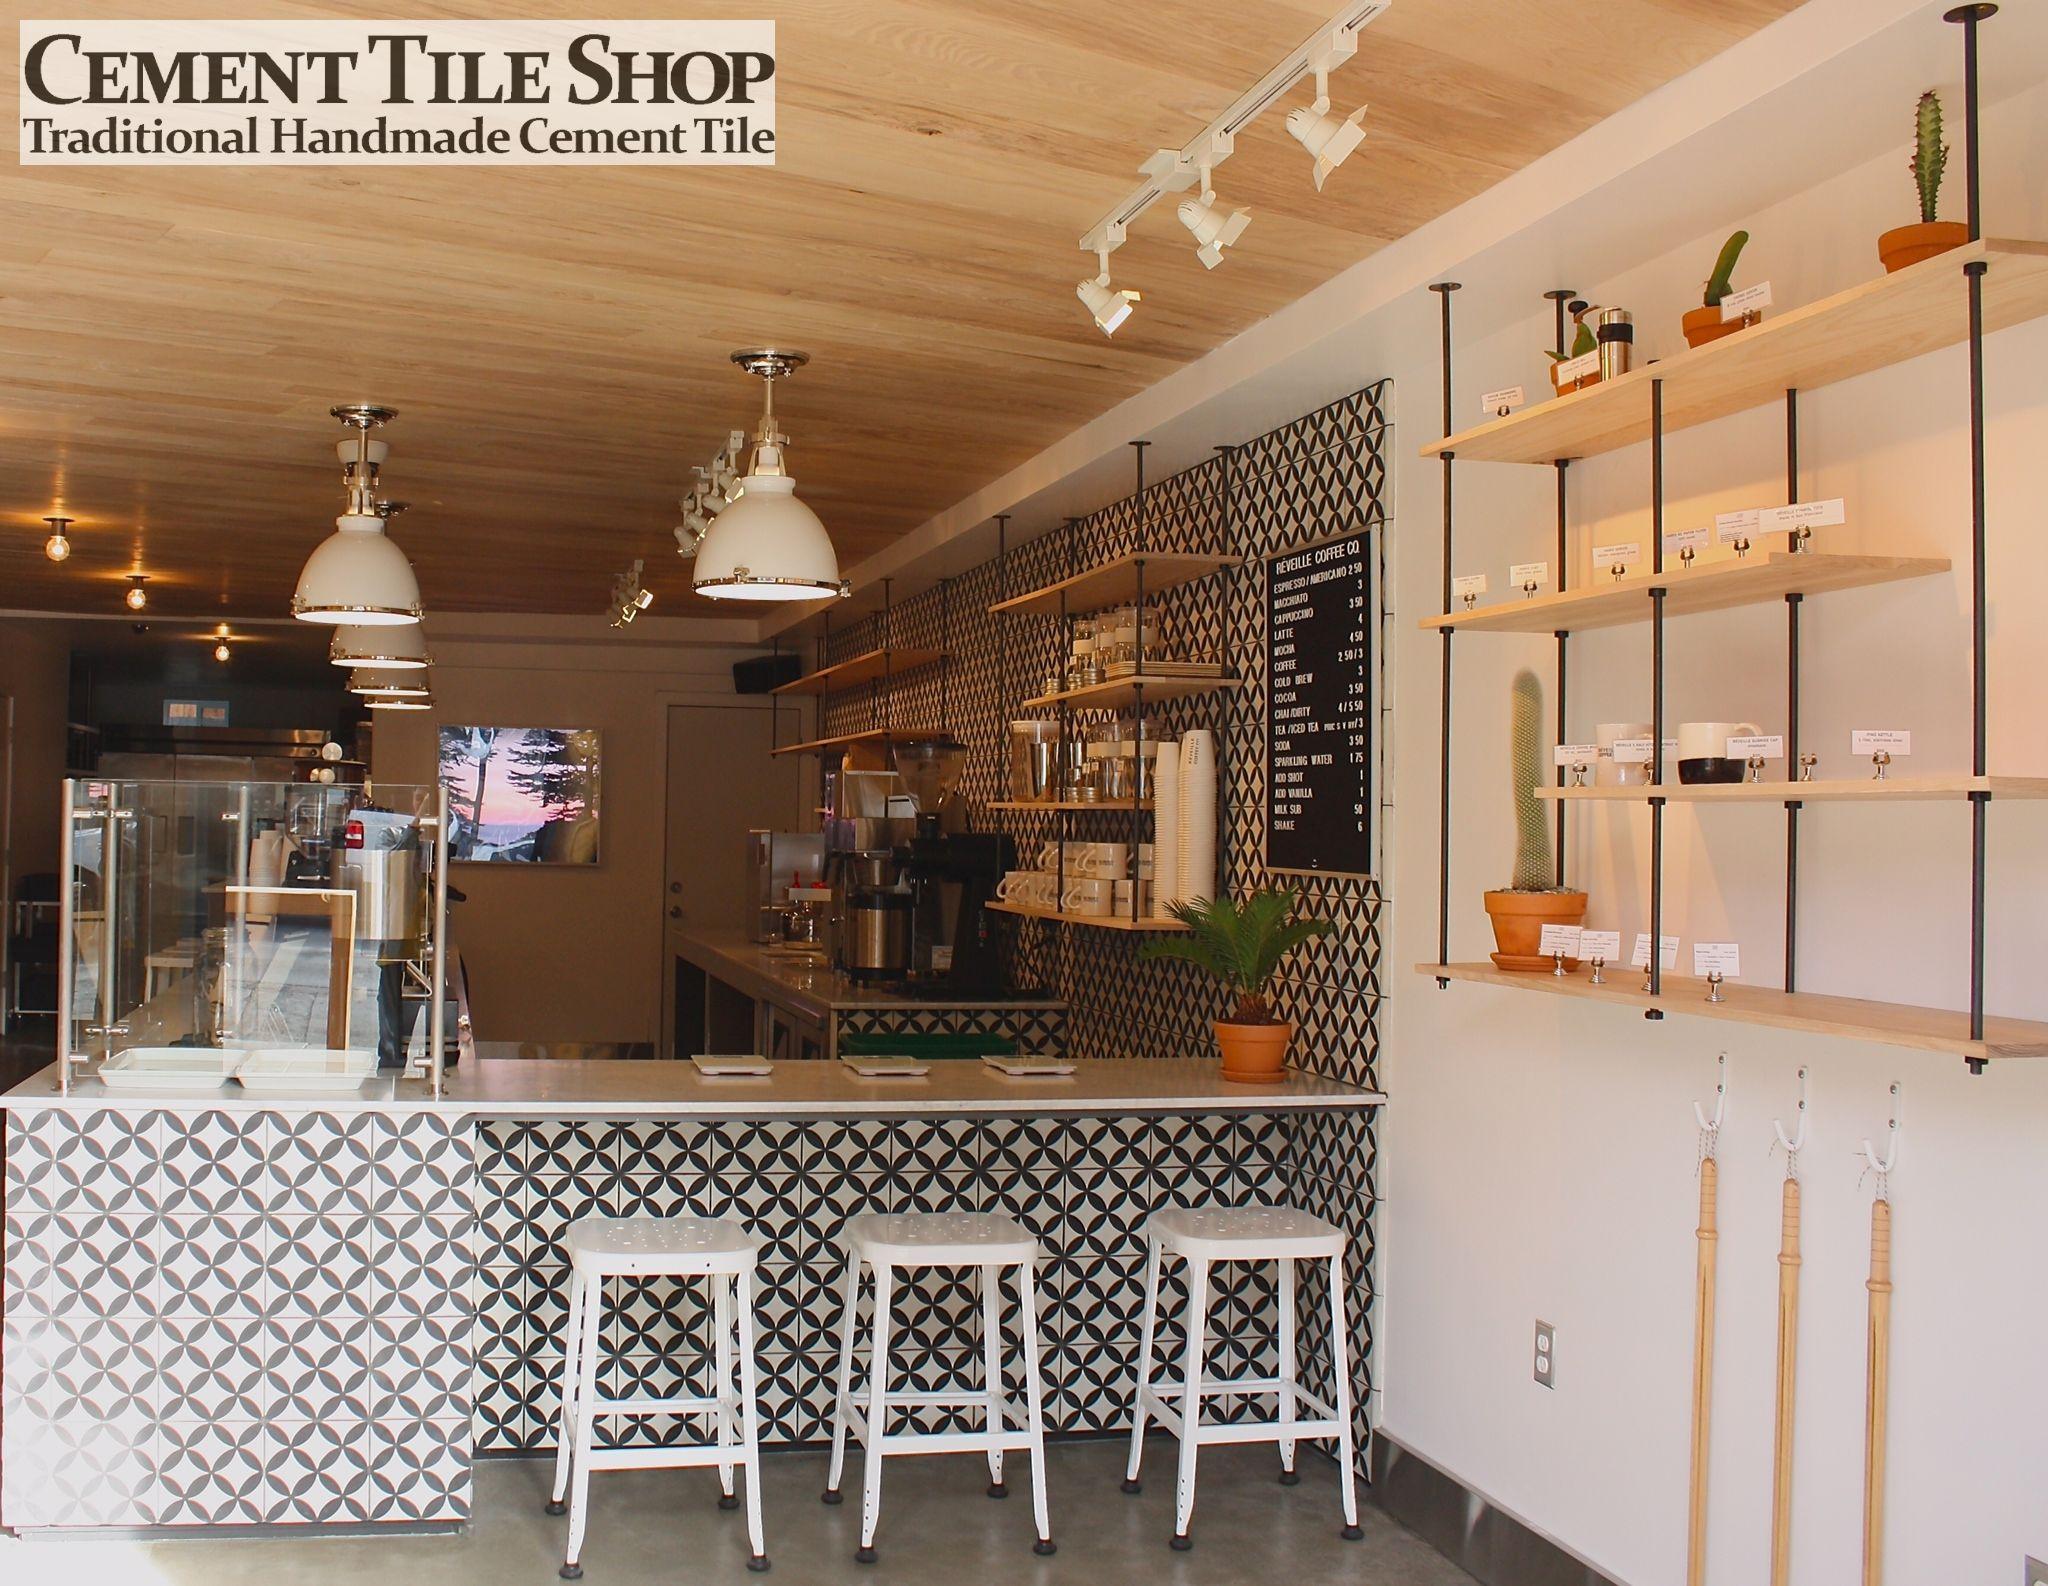 Reveille Coffee Co San Francisco Ca Cement Tile Shop